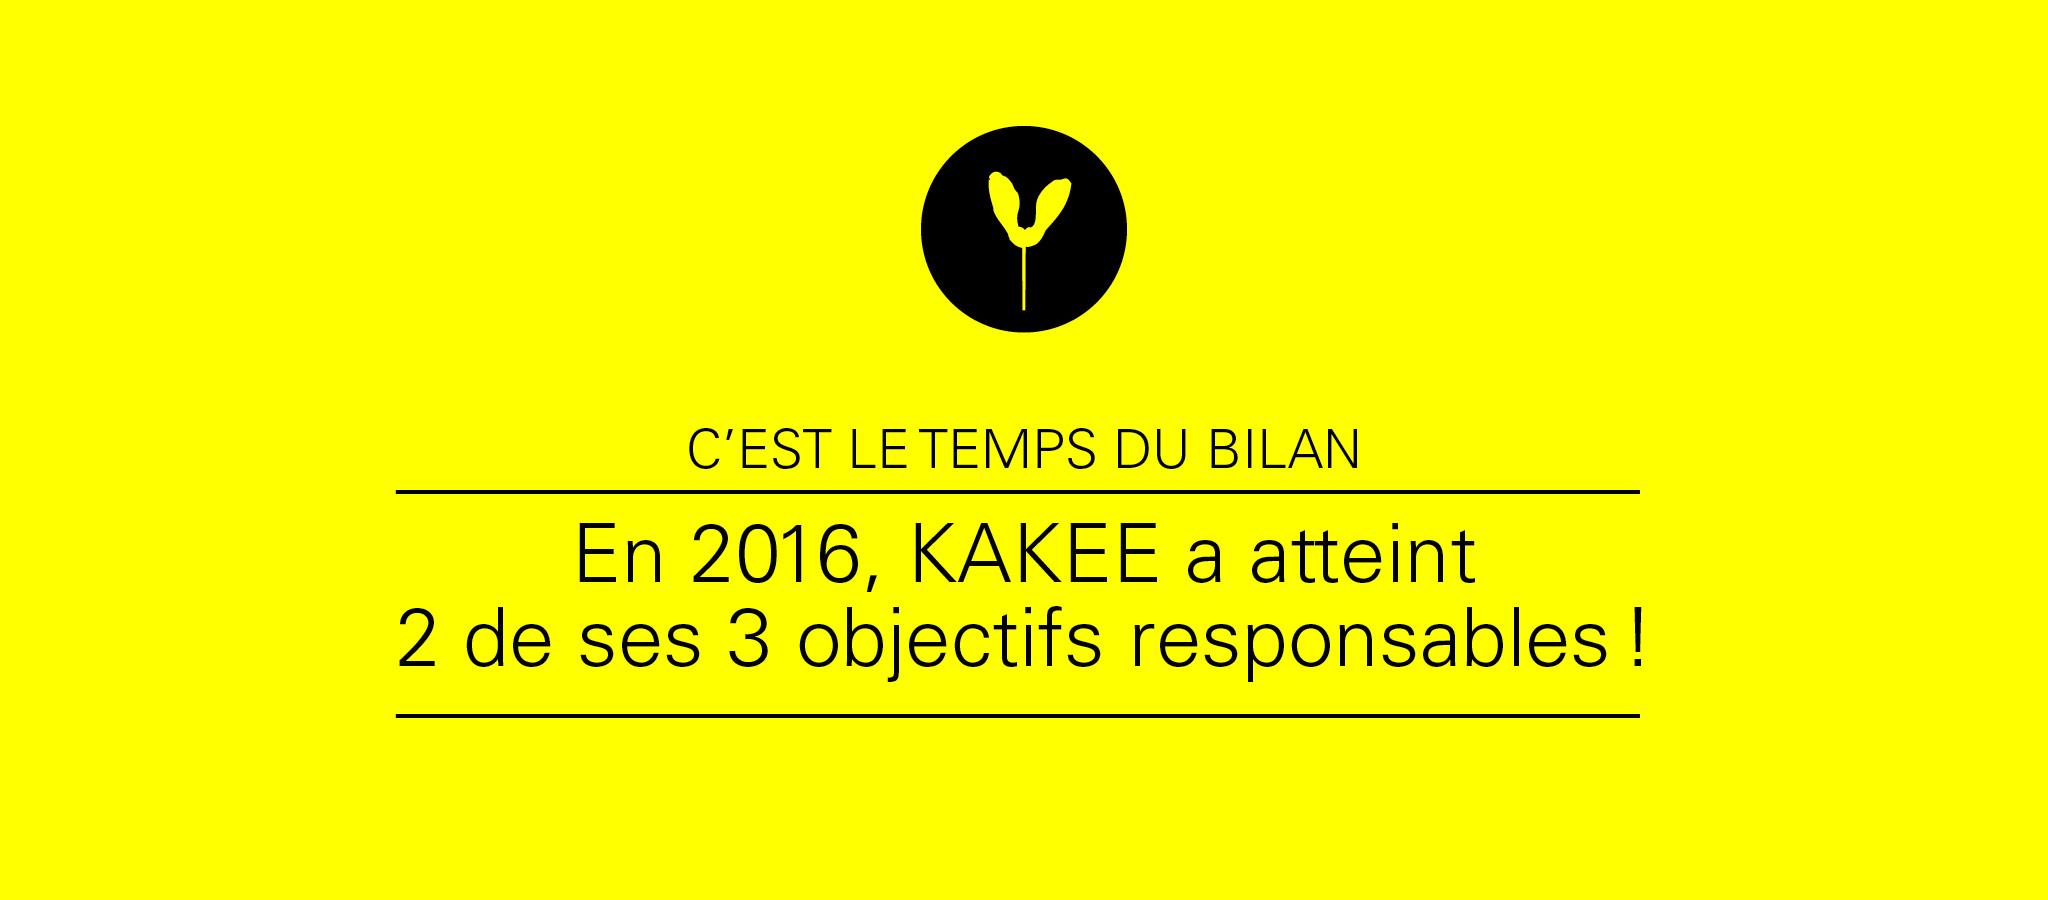 KAKEE publie son quatrième bilan responsable.